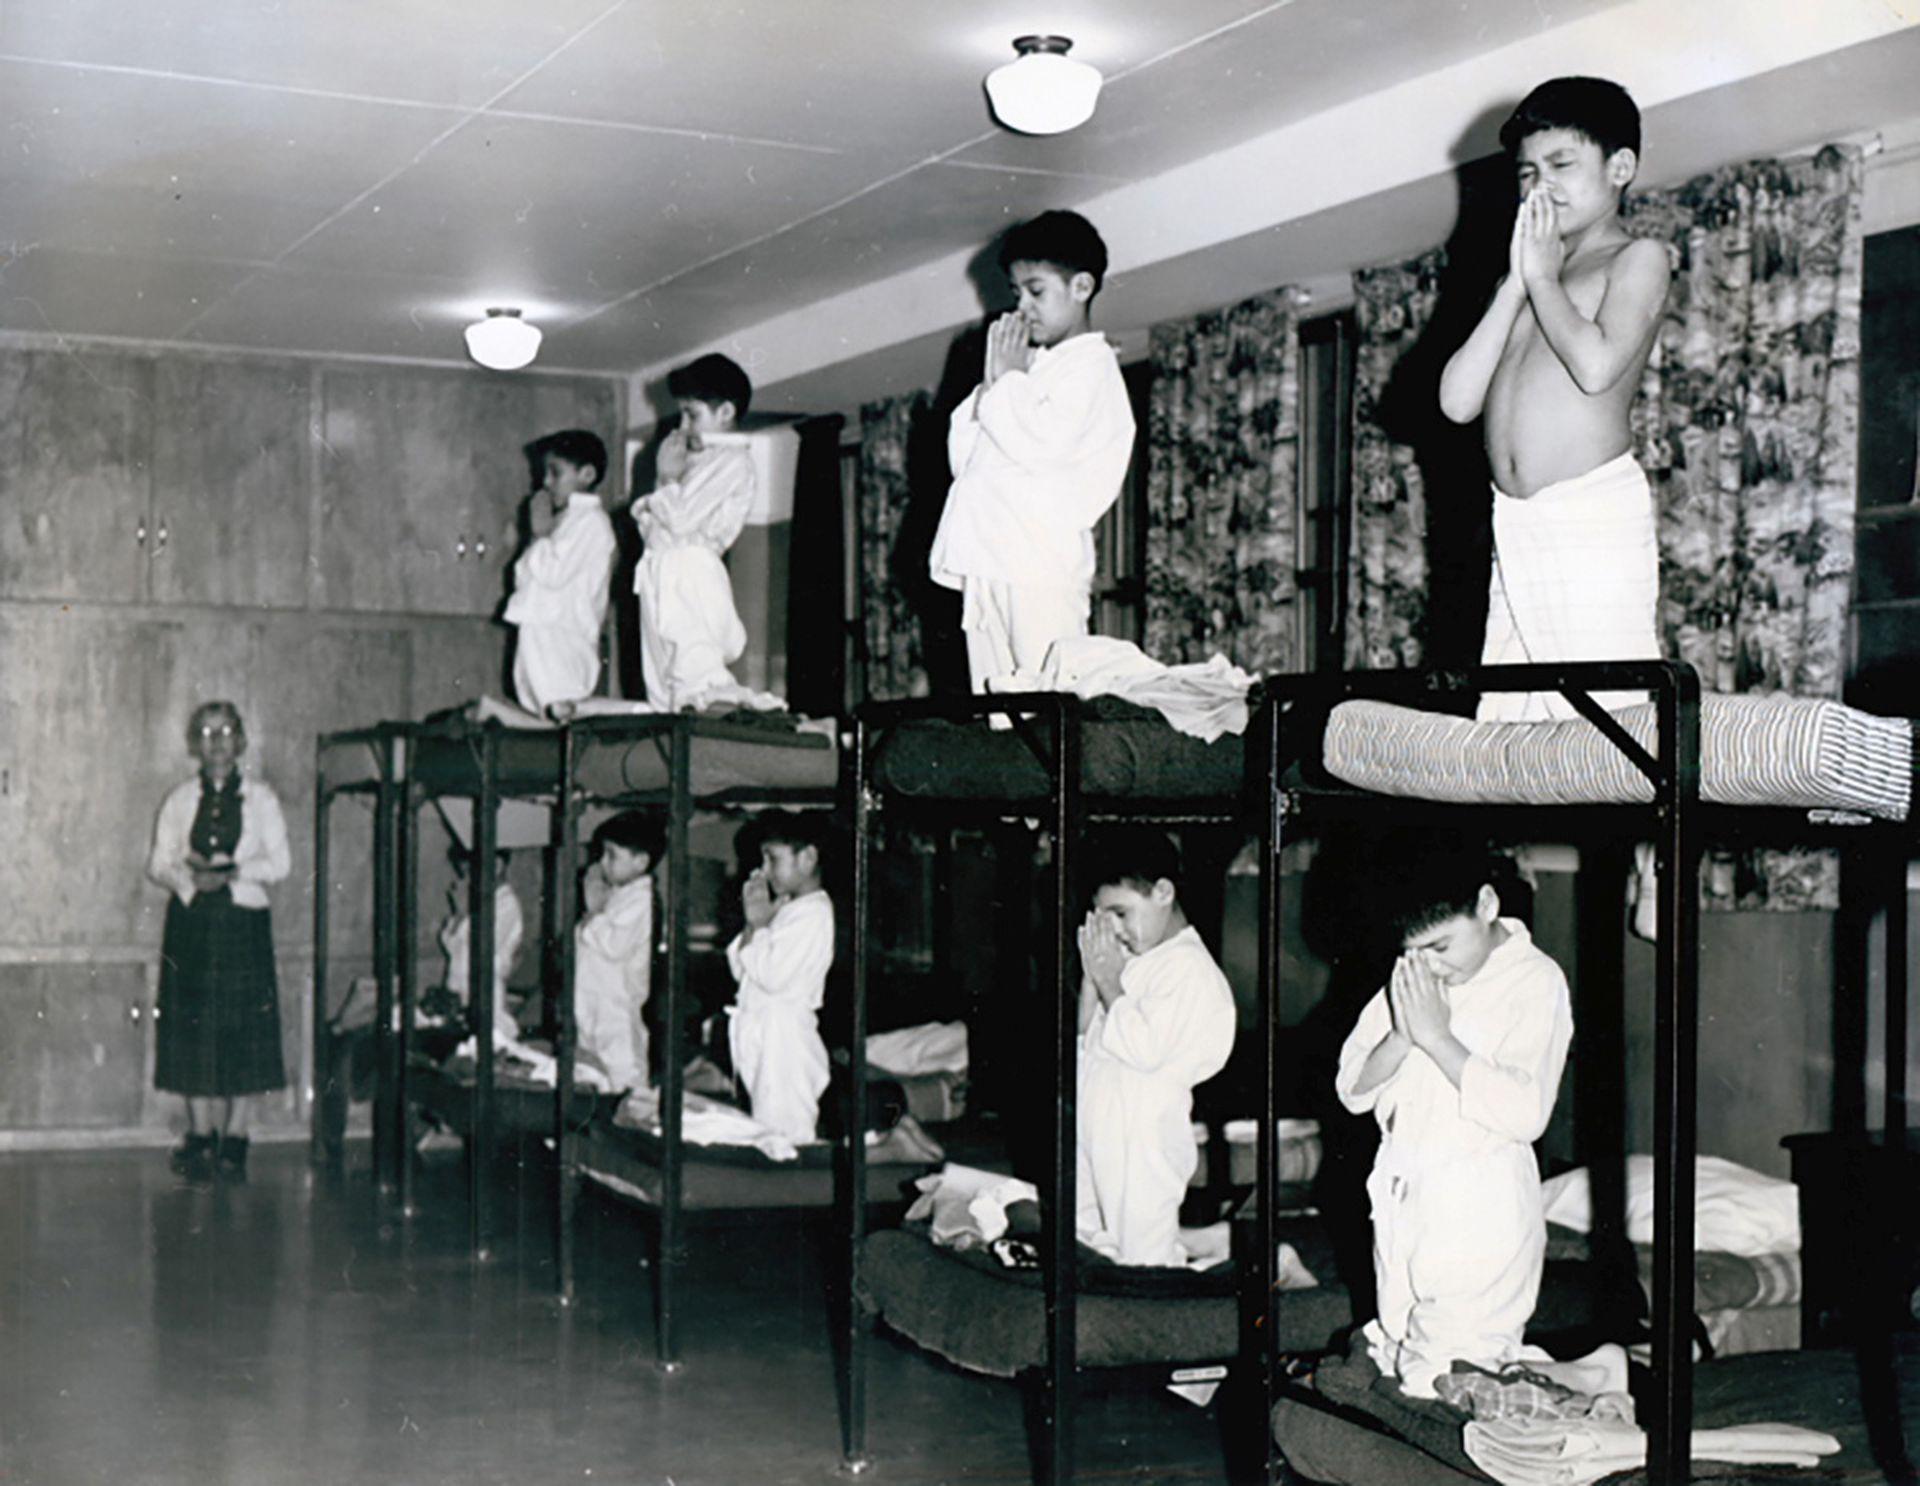 和美国、澳大利亚的同类学校一样,被送进校内的少年儿童在学习文化前,必须要强制接受宗教培训。(路透社)